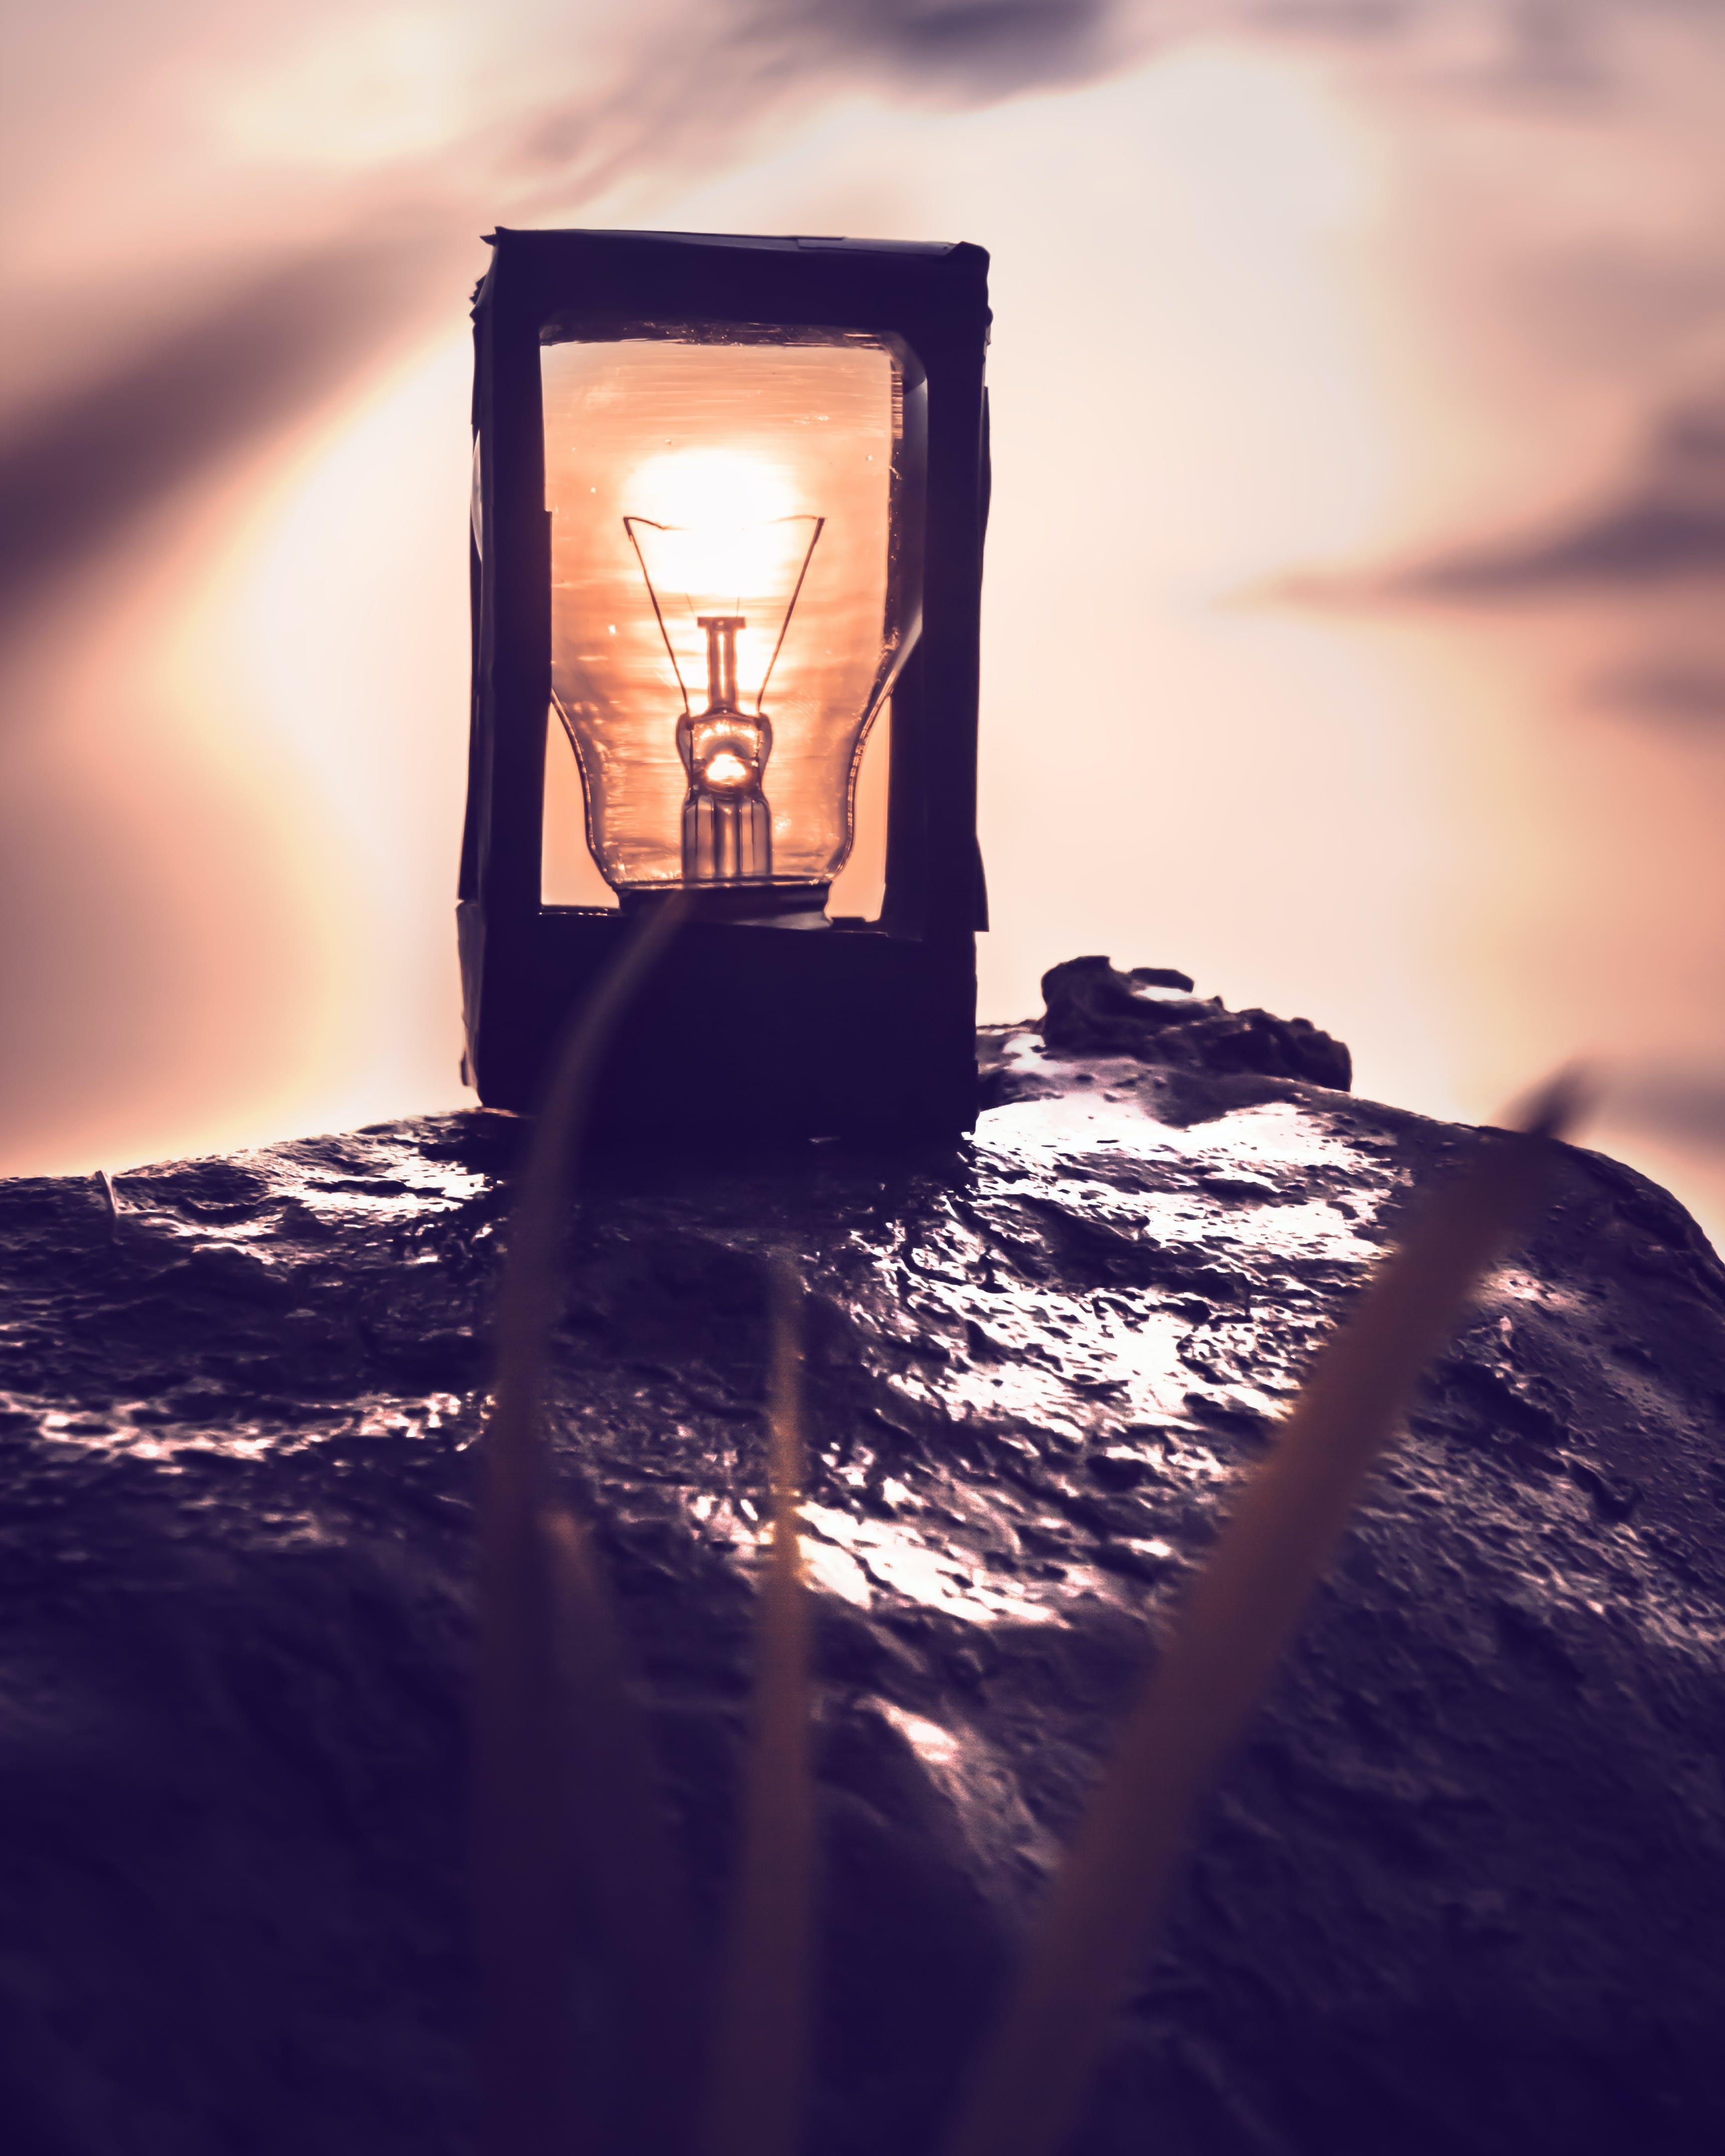 Kostenloses Stock Foto zu beleuchtung, die glühbirne, draußen, fels